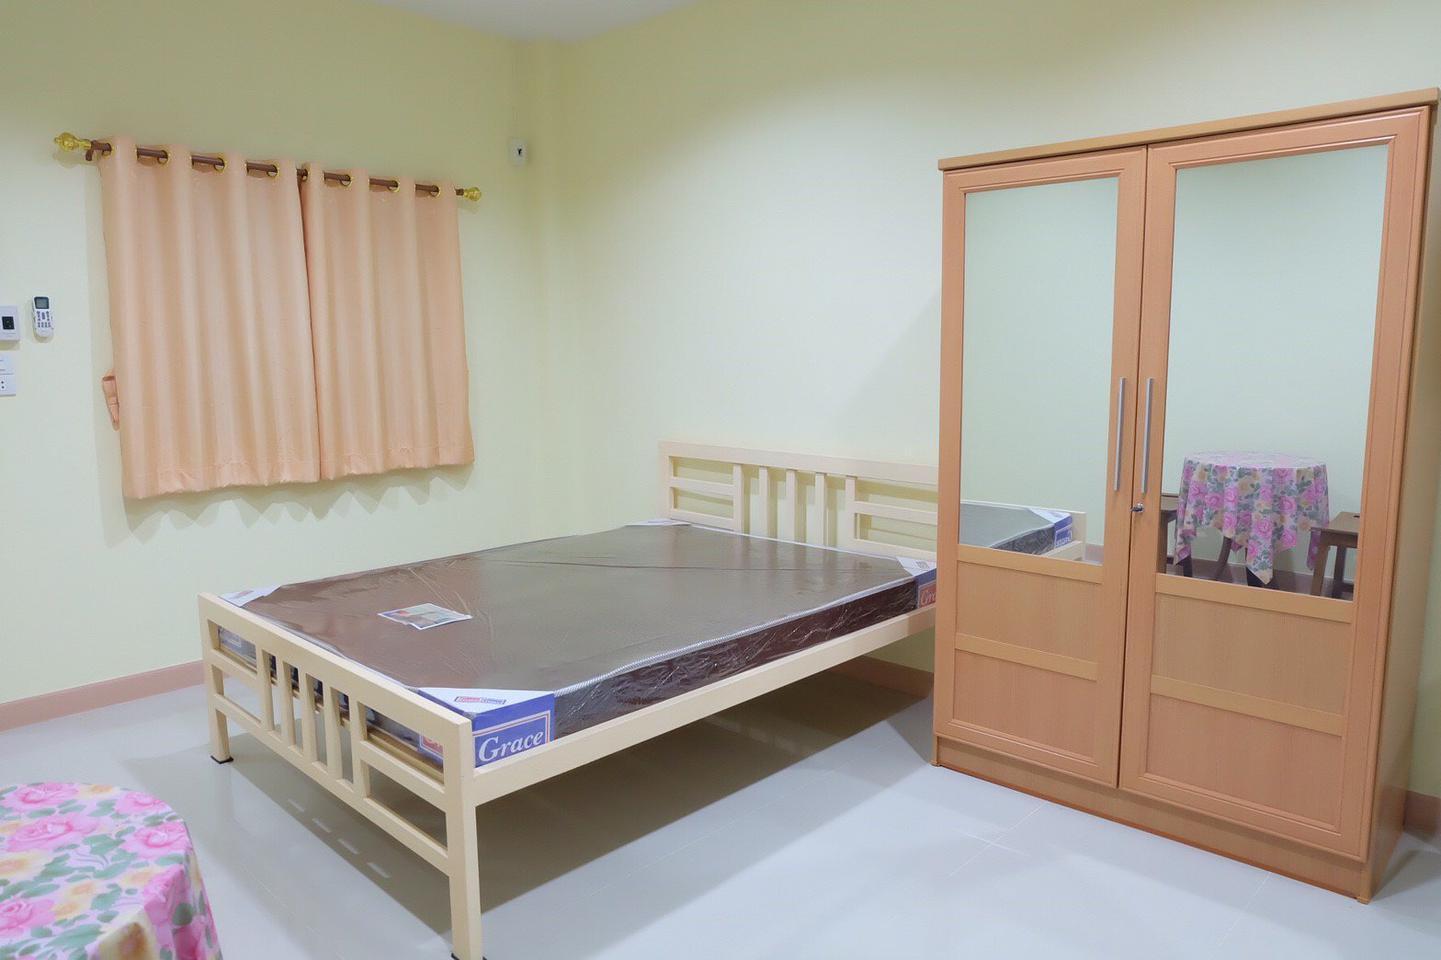 ห้องว่างให้เช่า หอพักสุขร่มไทร ใกล้บิ๊กซี จังหวัดลพบุรี รูปที่ 6